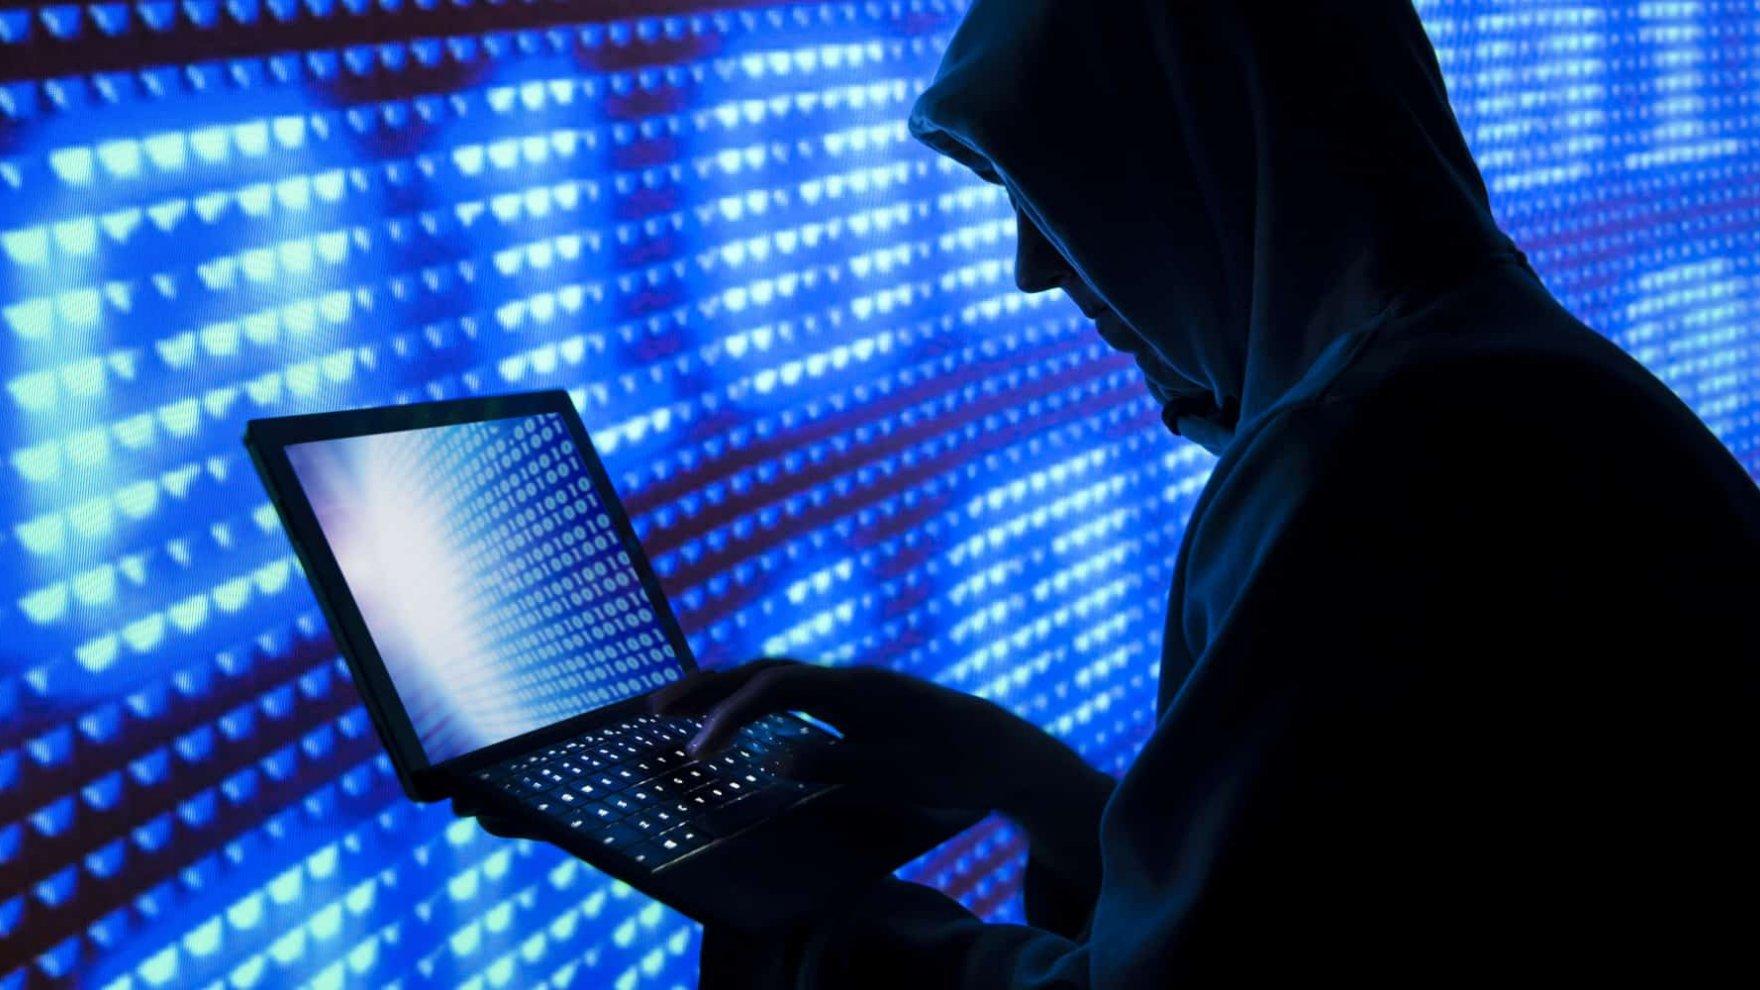 los investigadores de Avast creen que el objetivo principal era secuestrar el tráfico del usuario para monetizarlo